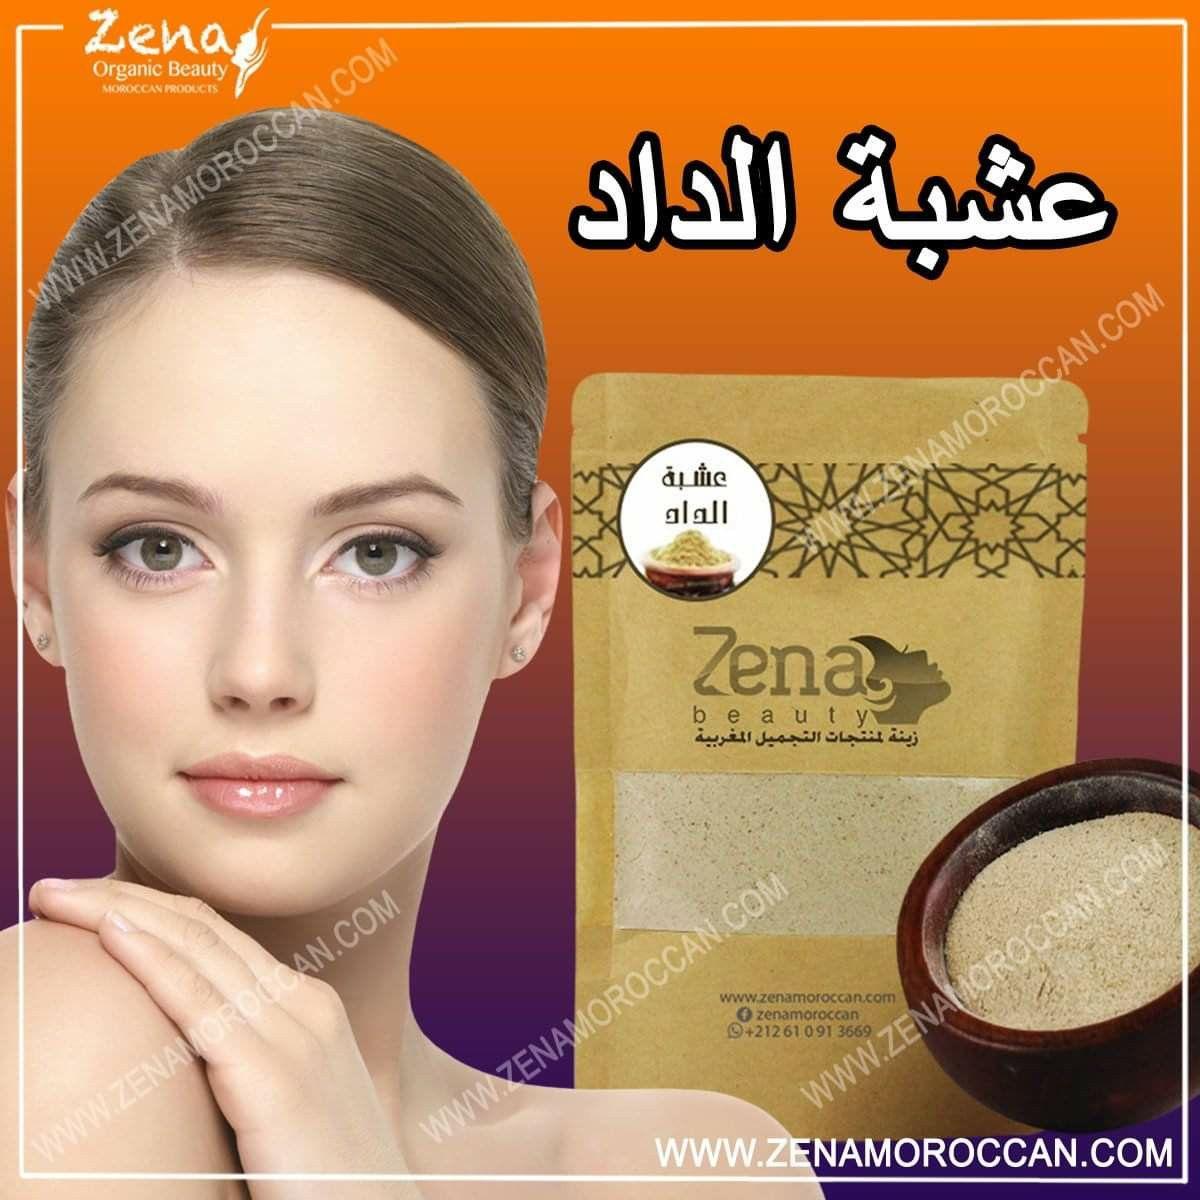 عشبة الداد الاصلية لتقشير الجسم Natural Mask Coco Oil Moisturizer Cream